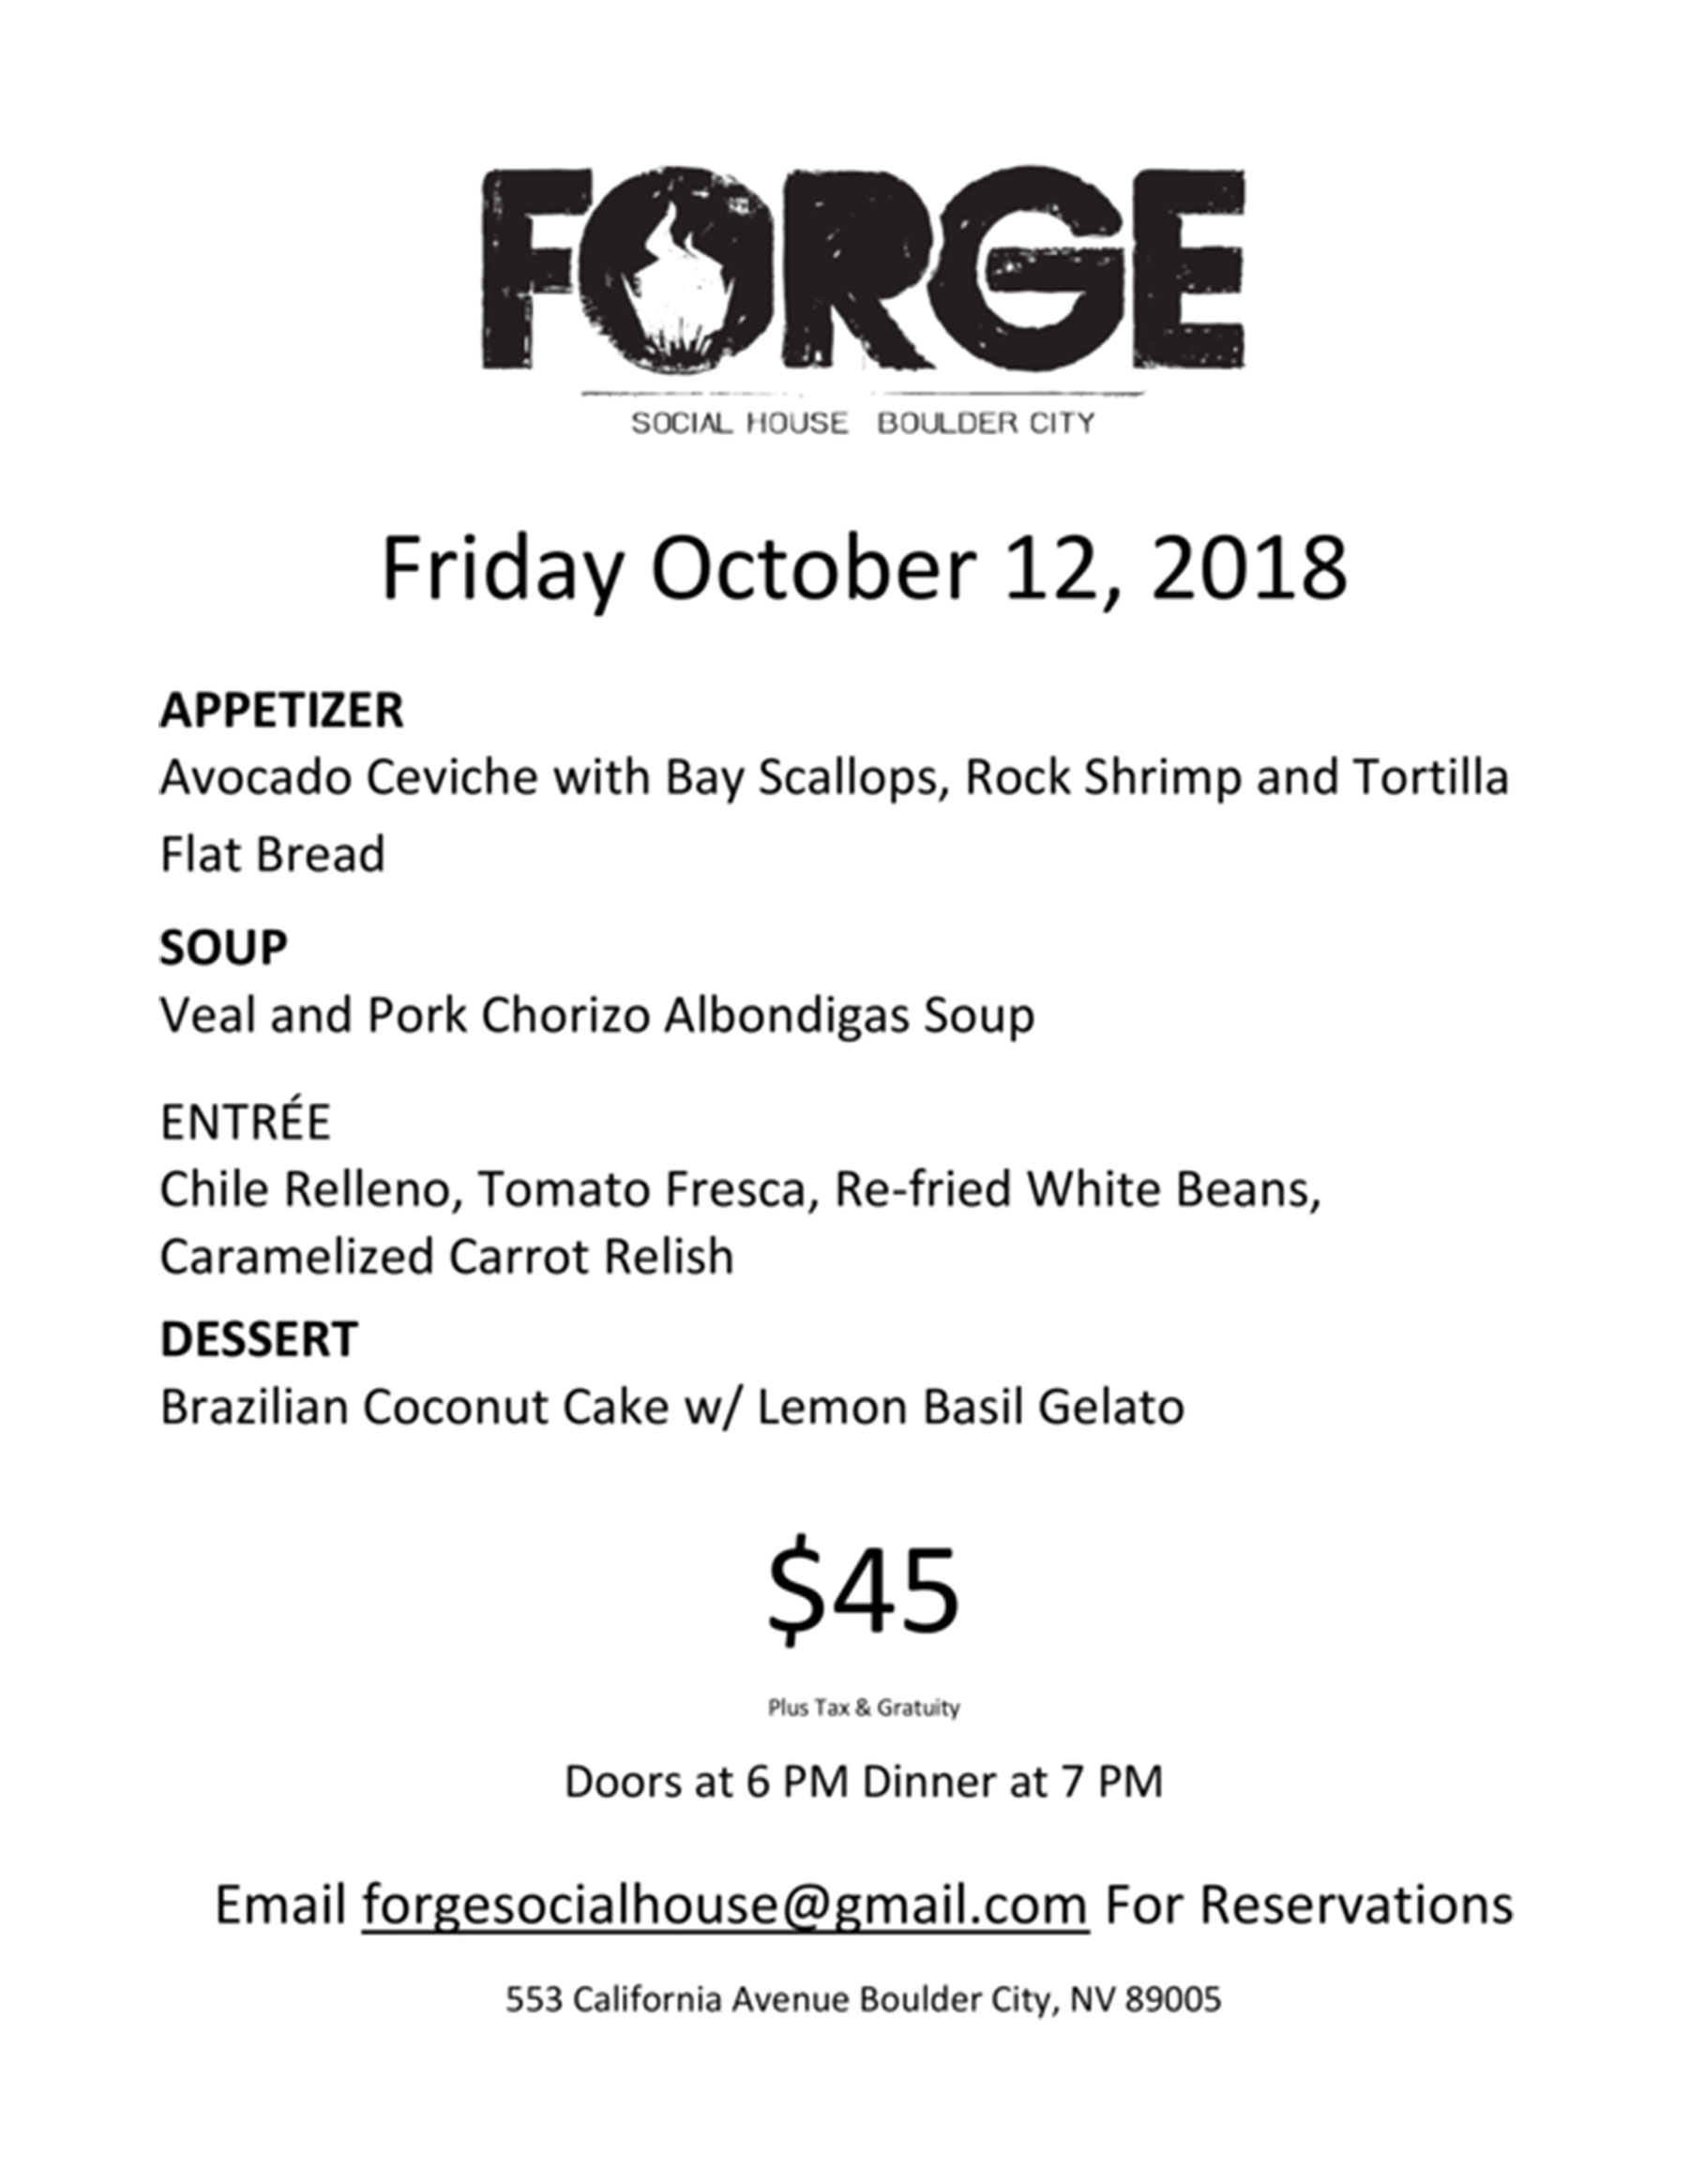 Forge Dinner October 2018 Boulder City, NV